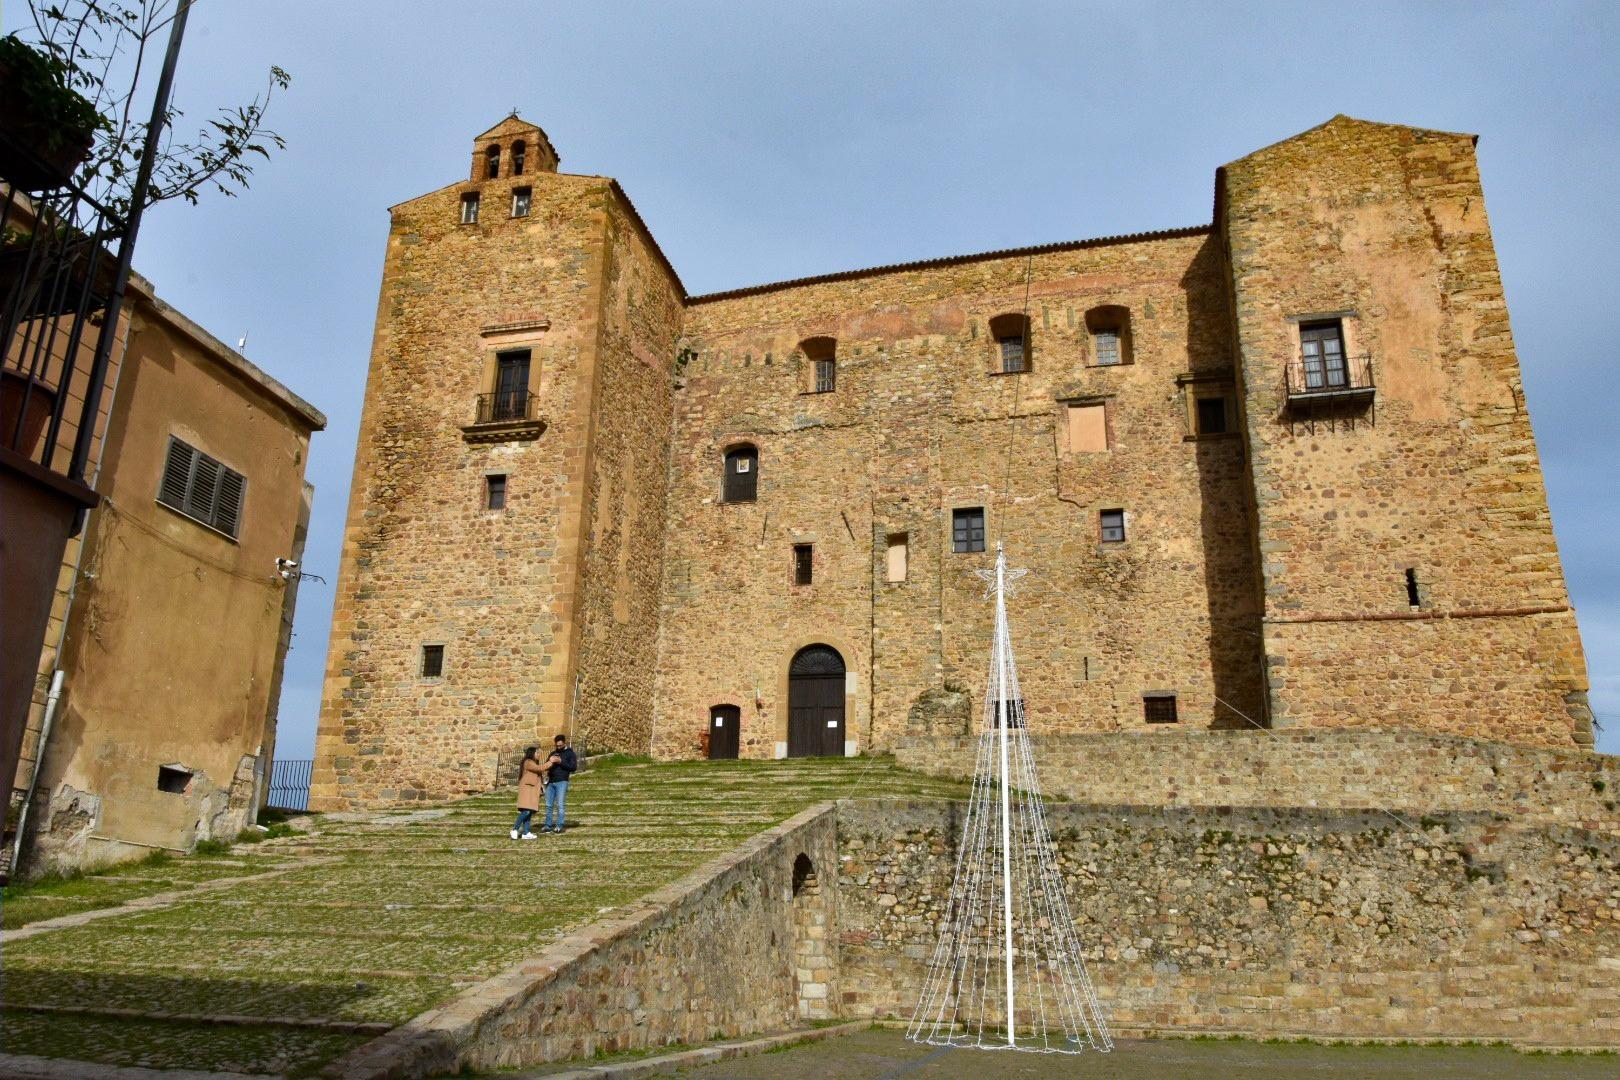 Borghi di Sicilia: CASTELBUONO